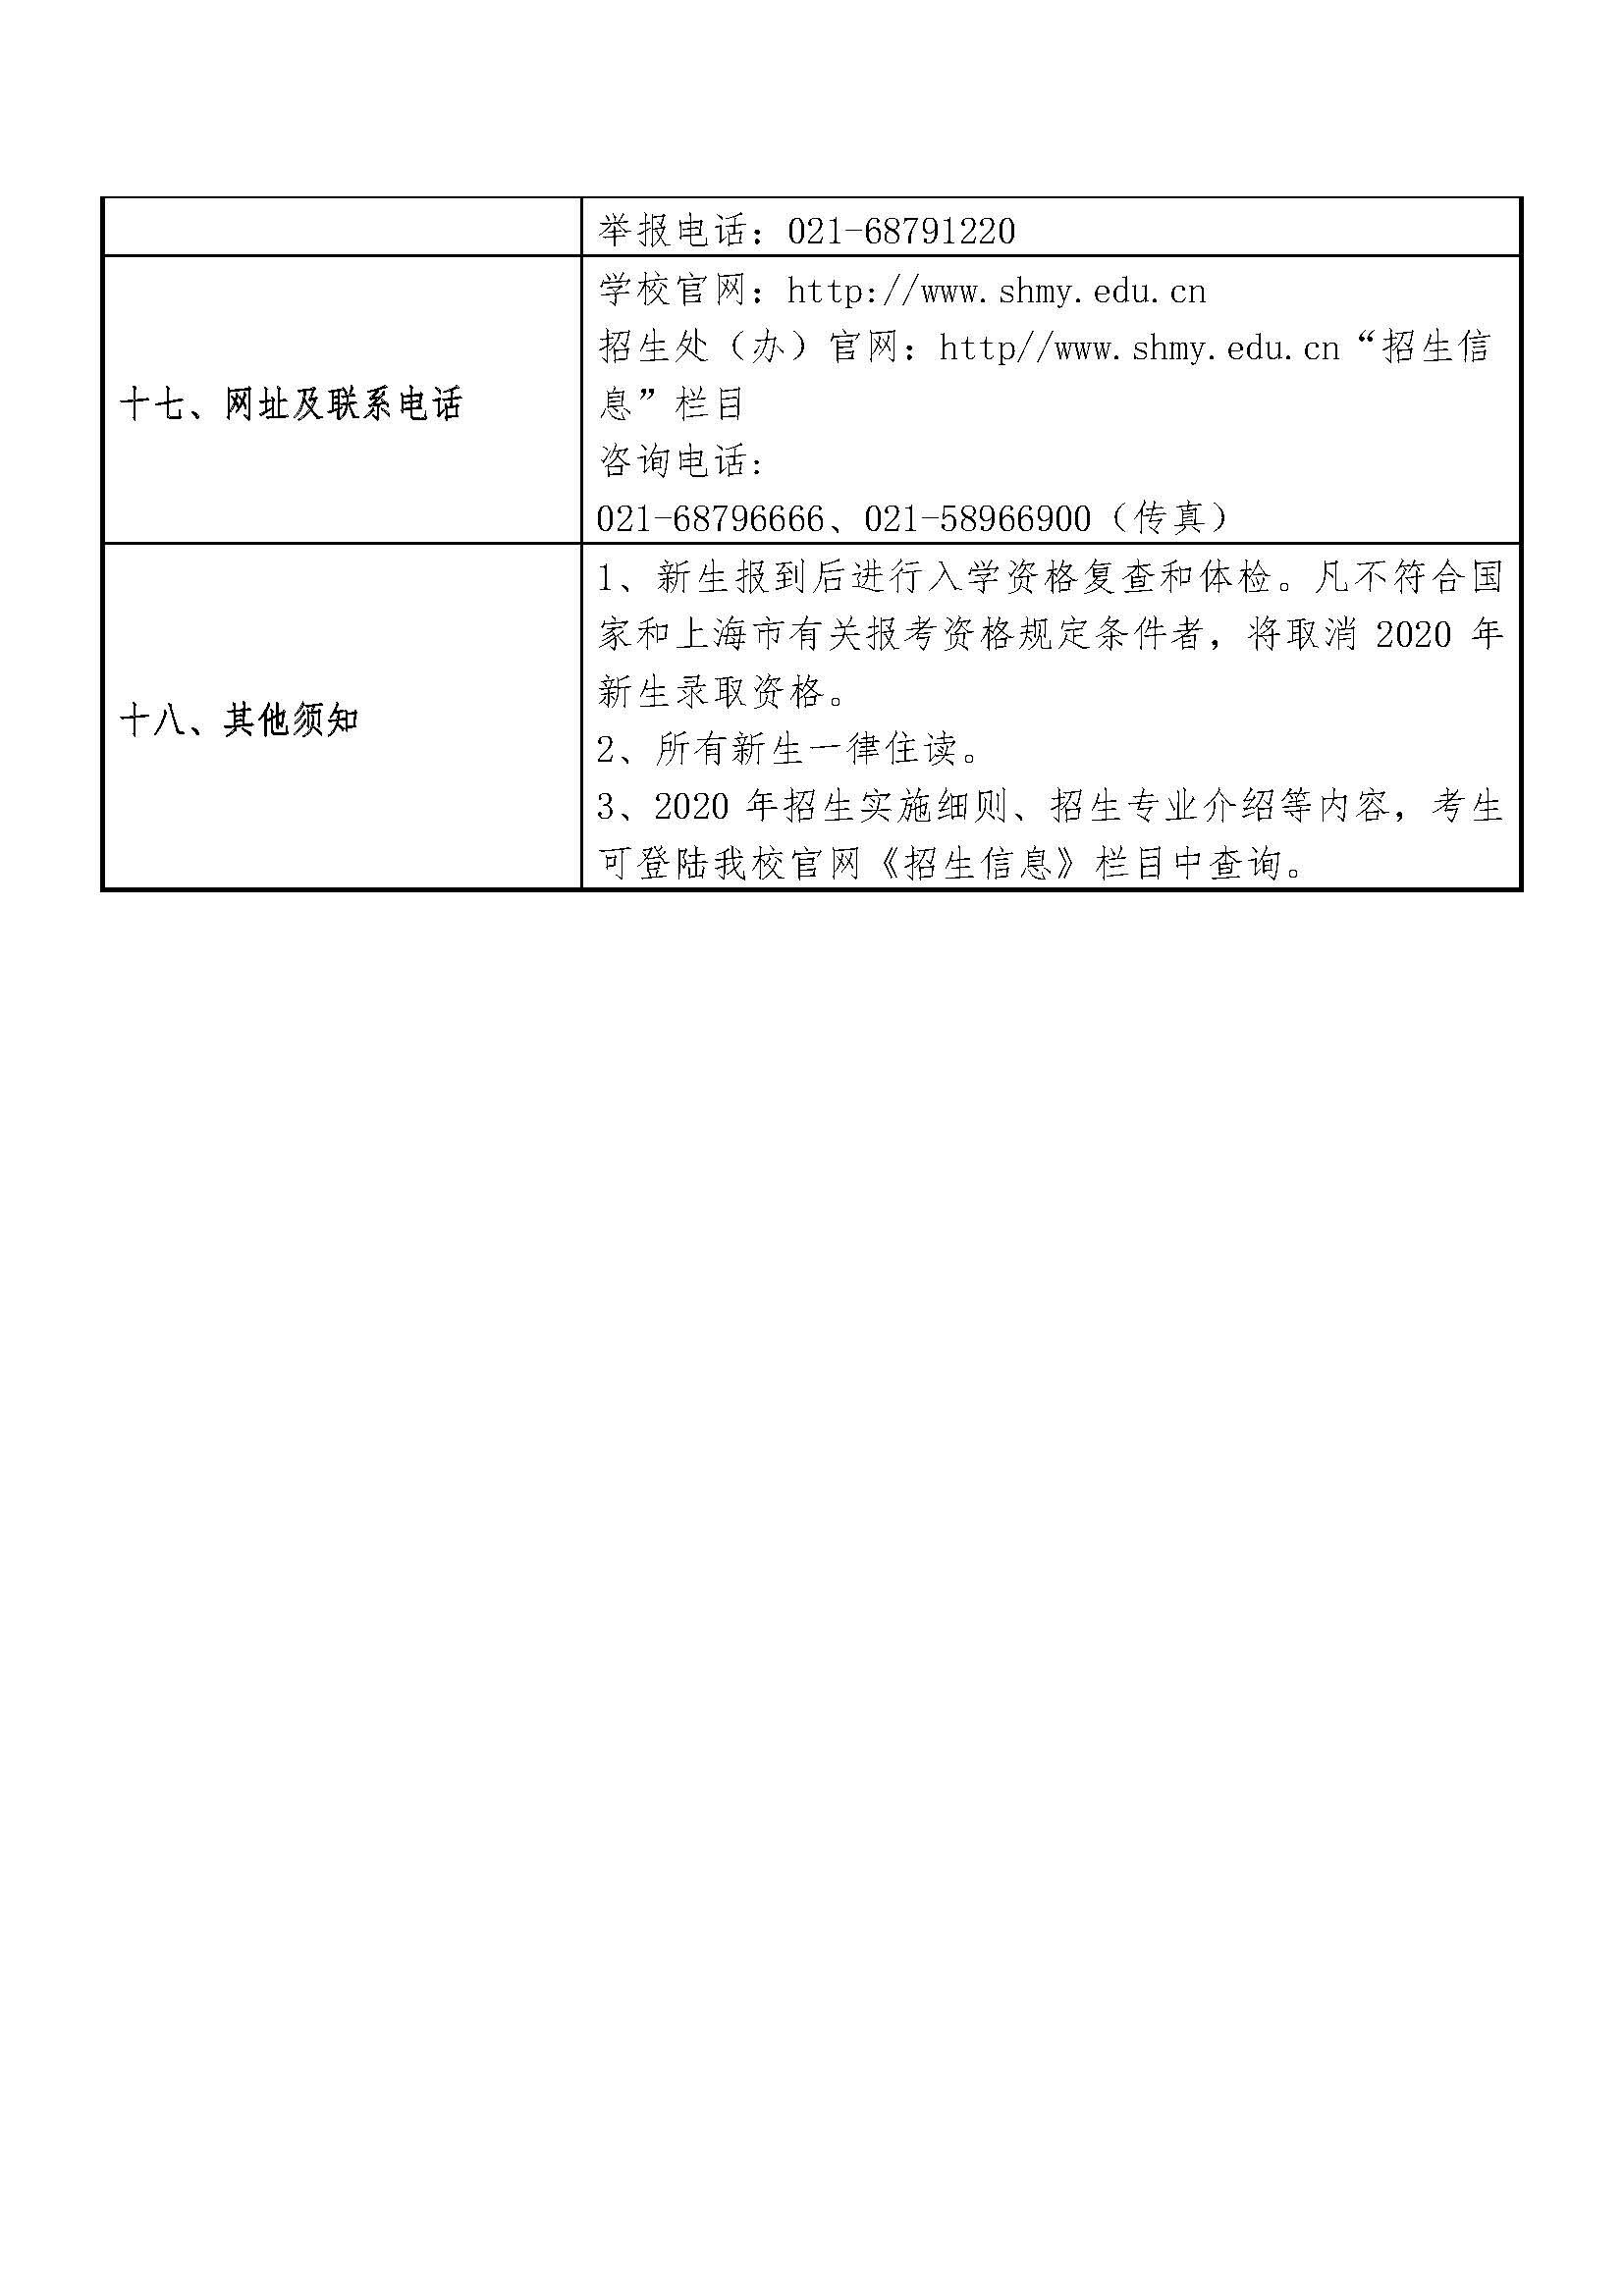 2020全国统考招生章程(正表)_页面_4.jpg